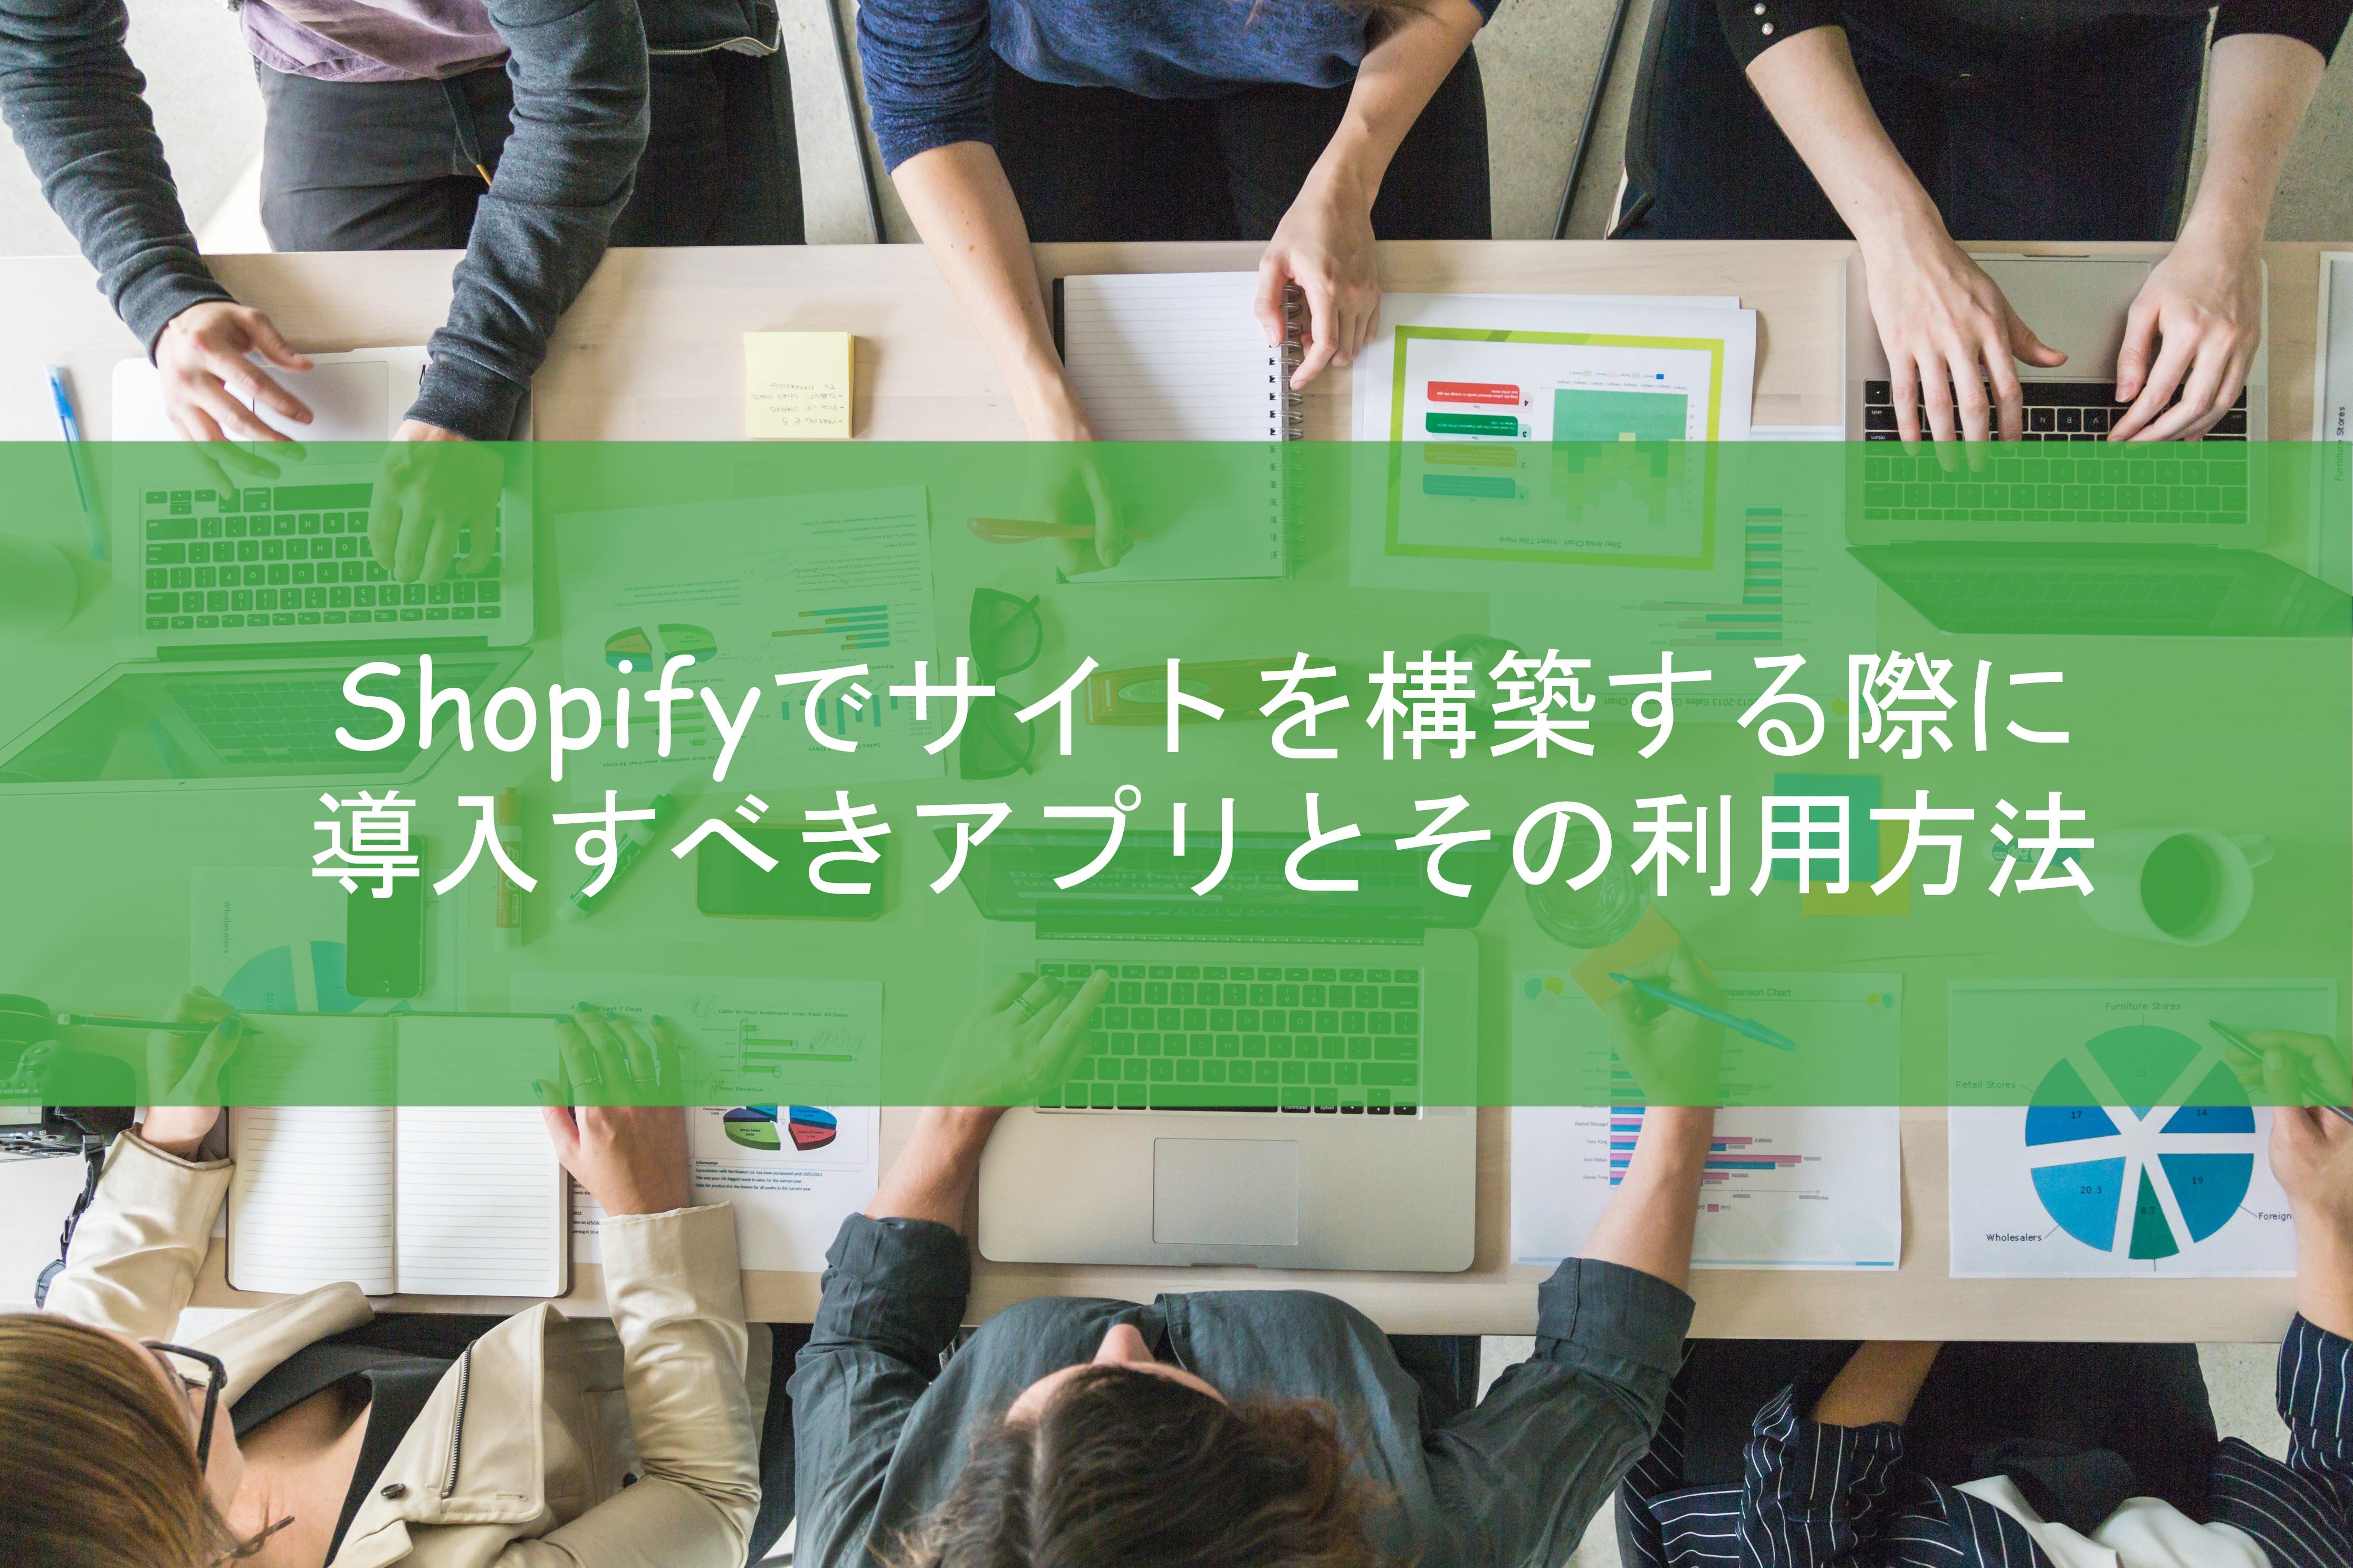 【随時更新】導入必須のShopify(ショッピファイ)アプリとその使い方を解説。